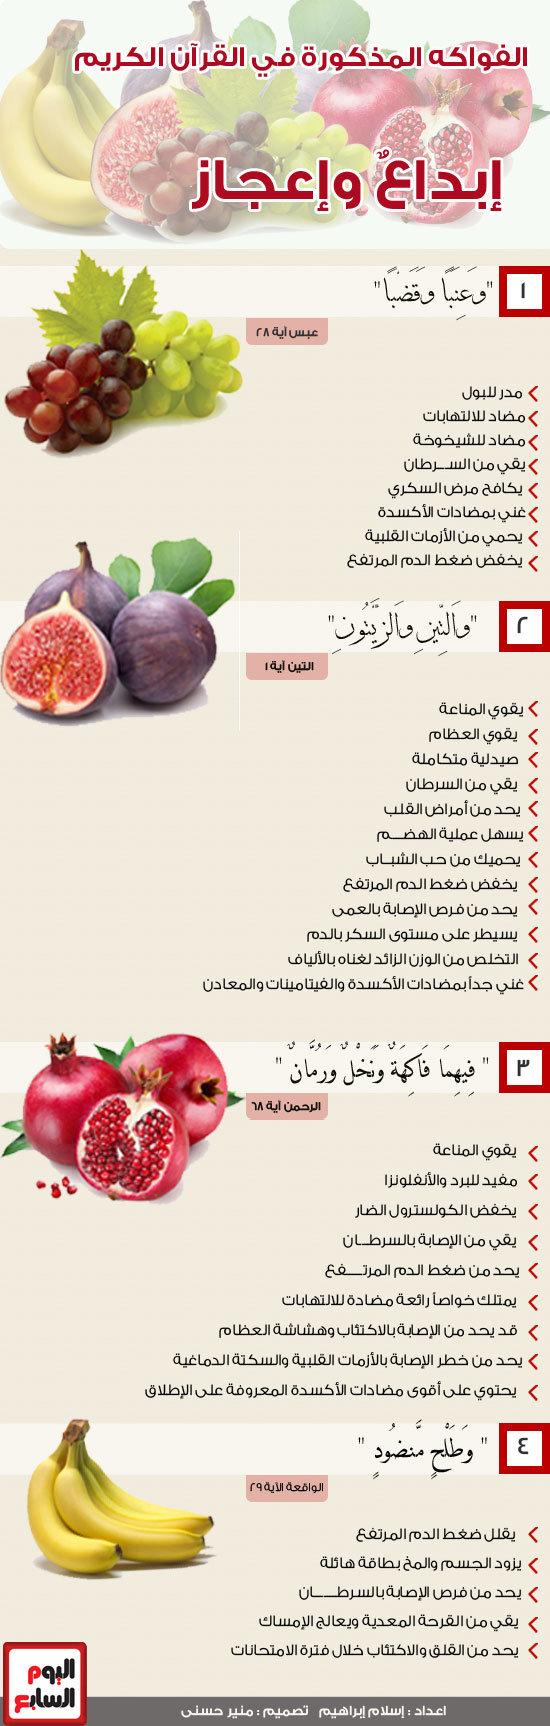 الفواكه المذكورة في القرآن: إبداع وإعجاز #انفوجرافيك